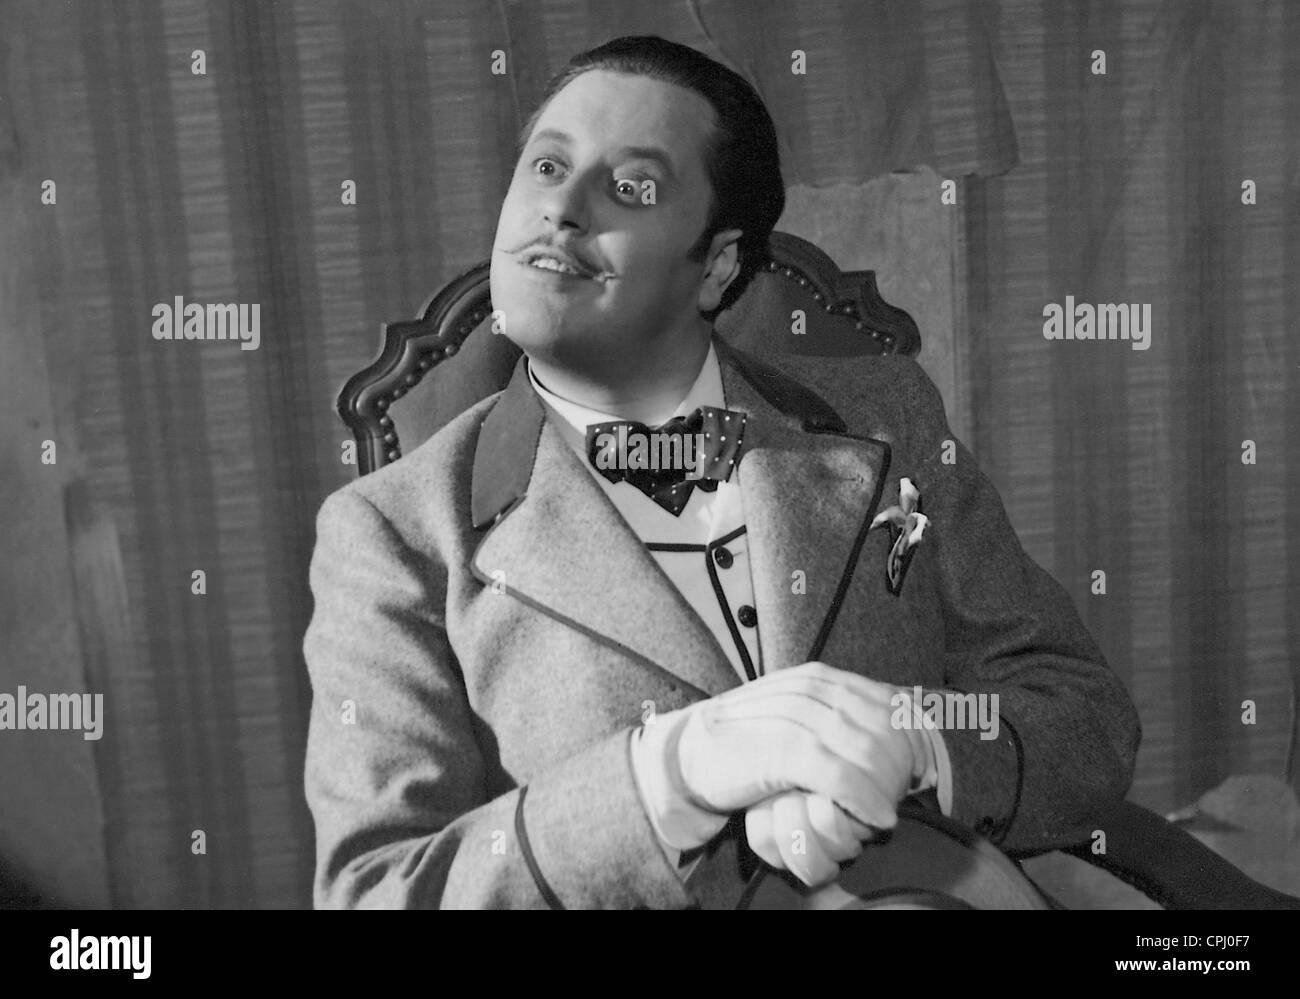 Paul Dahlke in 'Covered Tracks', 1938 - Stock Image